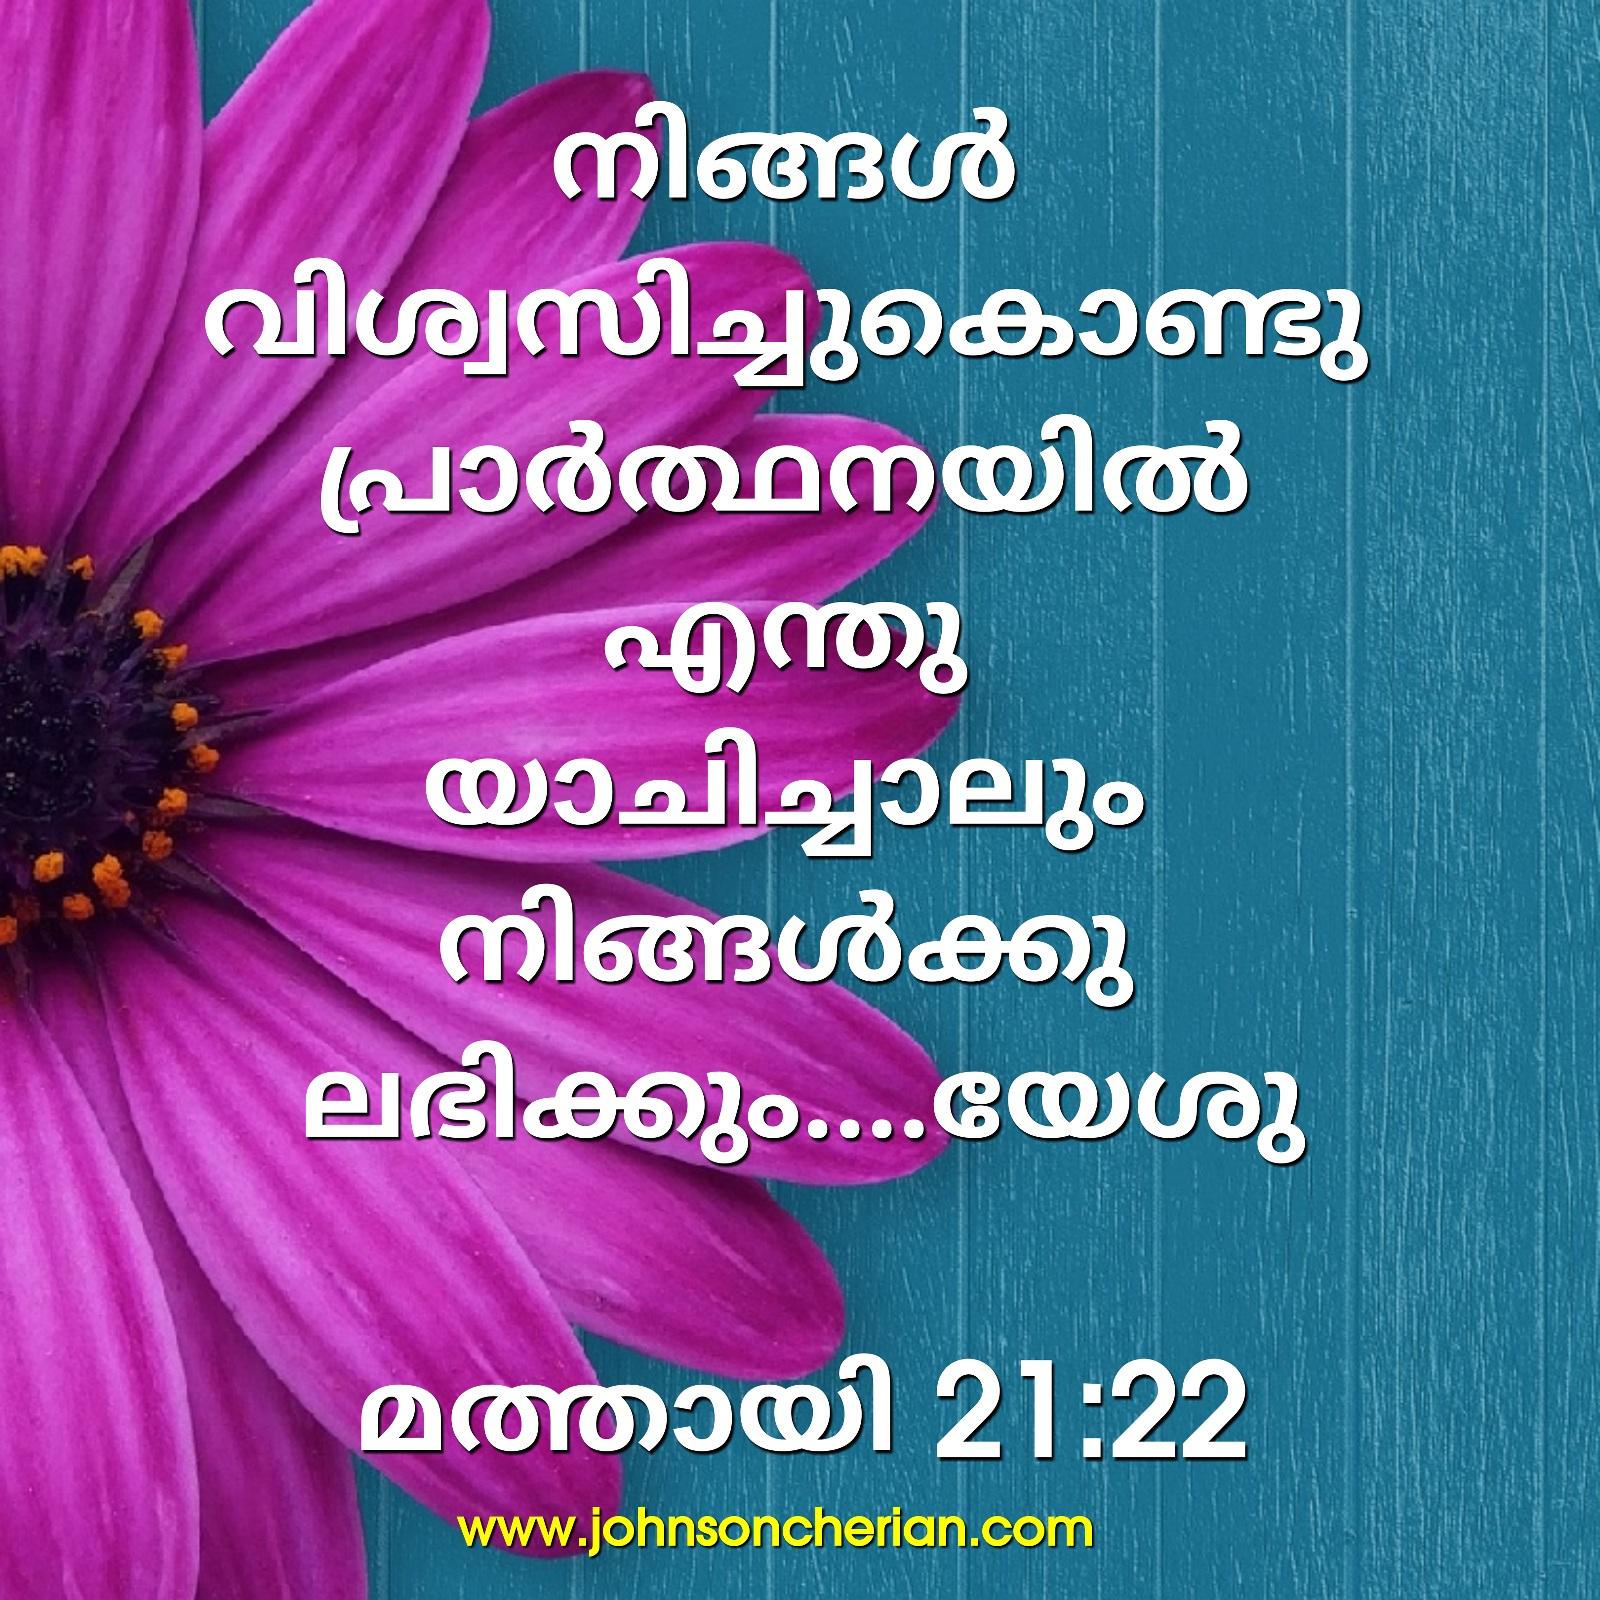 Malayalam Christian Wallpapers